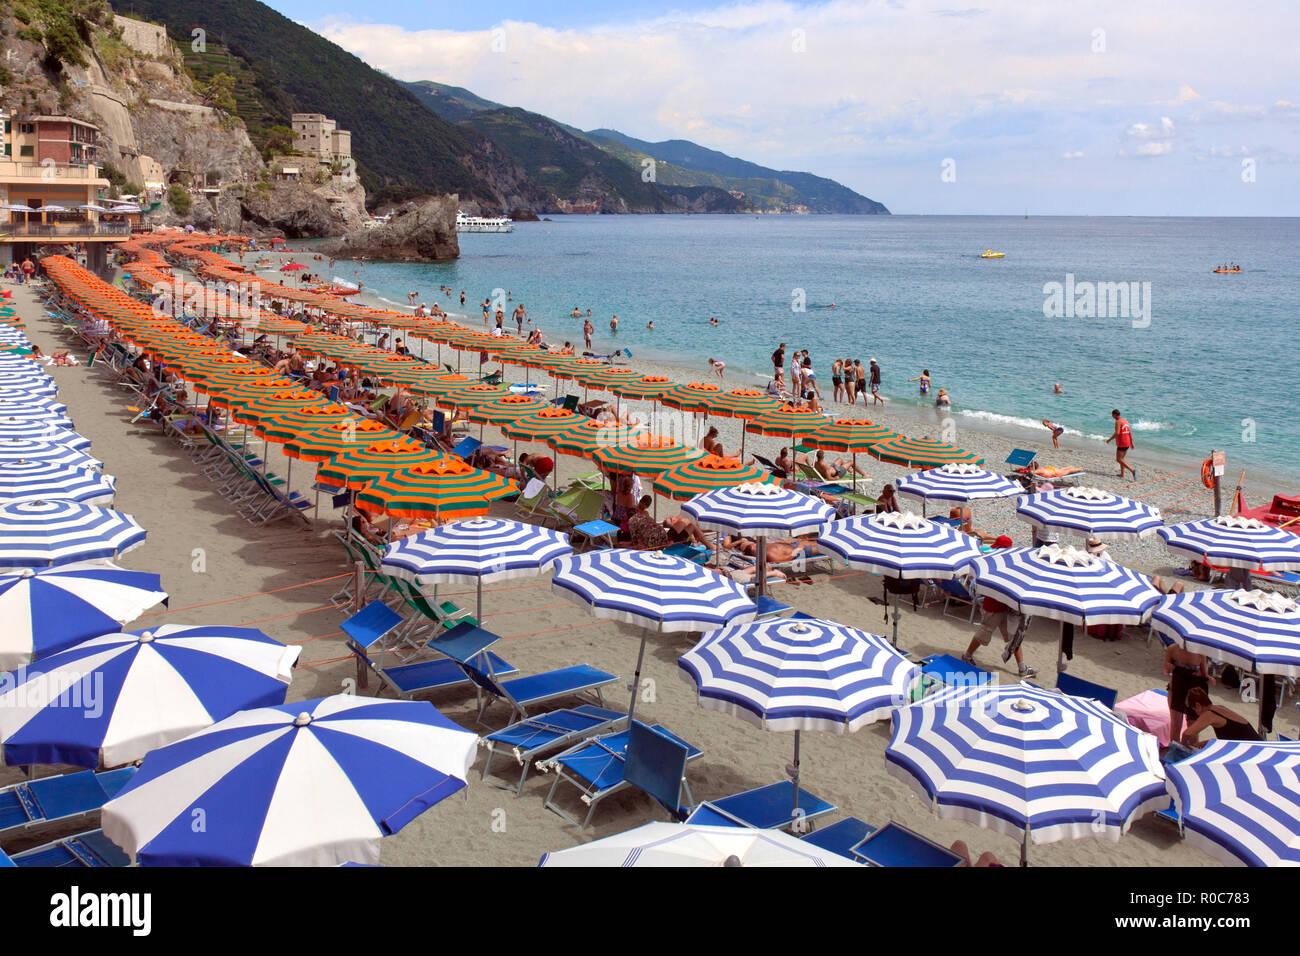 Eine Studie, die in Orange und Grün Sonnenschirme. thie Strand in Monterosso ist die größte in der Cinque Terre. Monterosso al Mare ist eine Gemeinde in t Stockbild